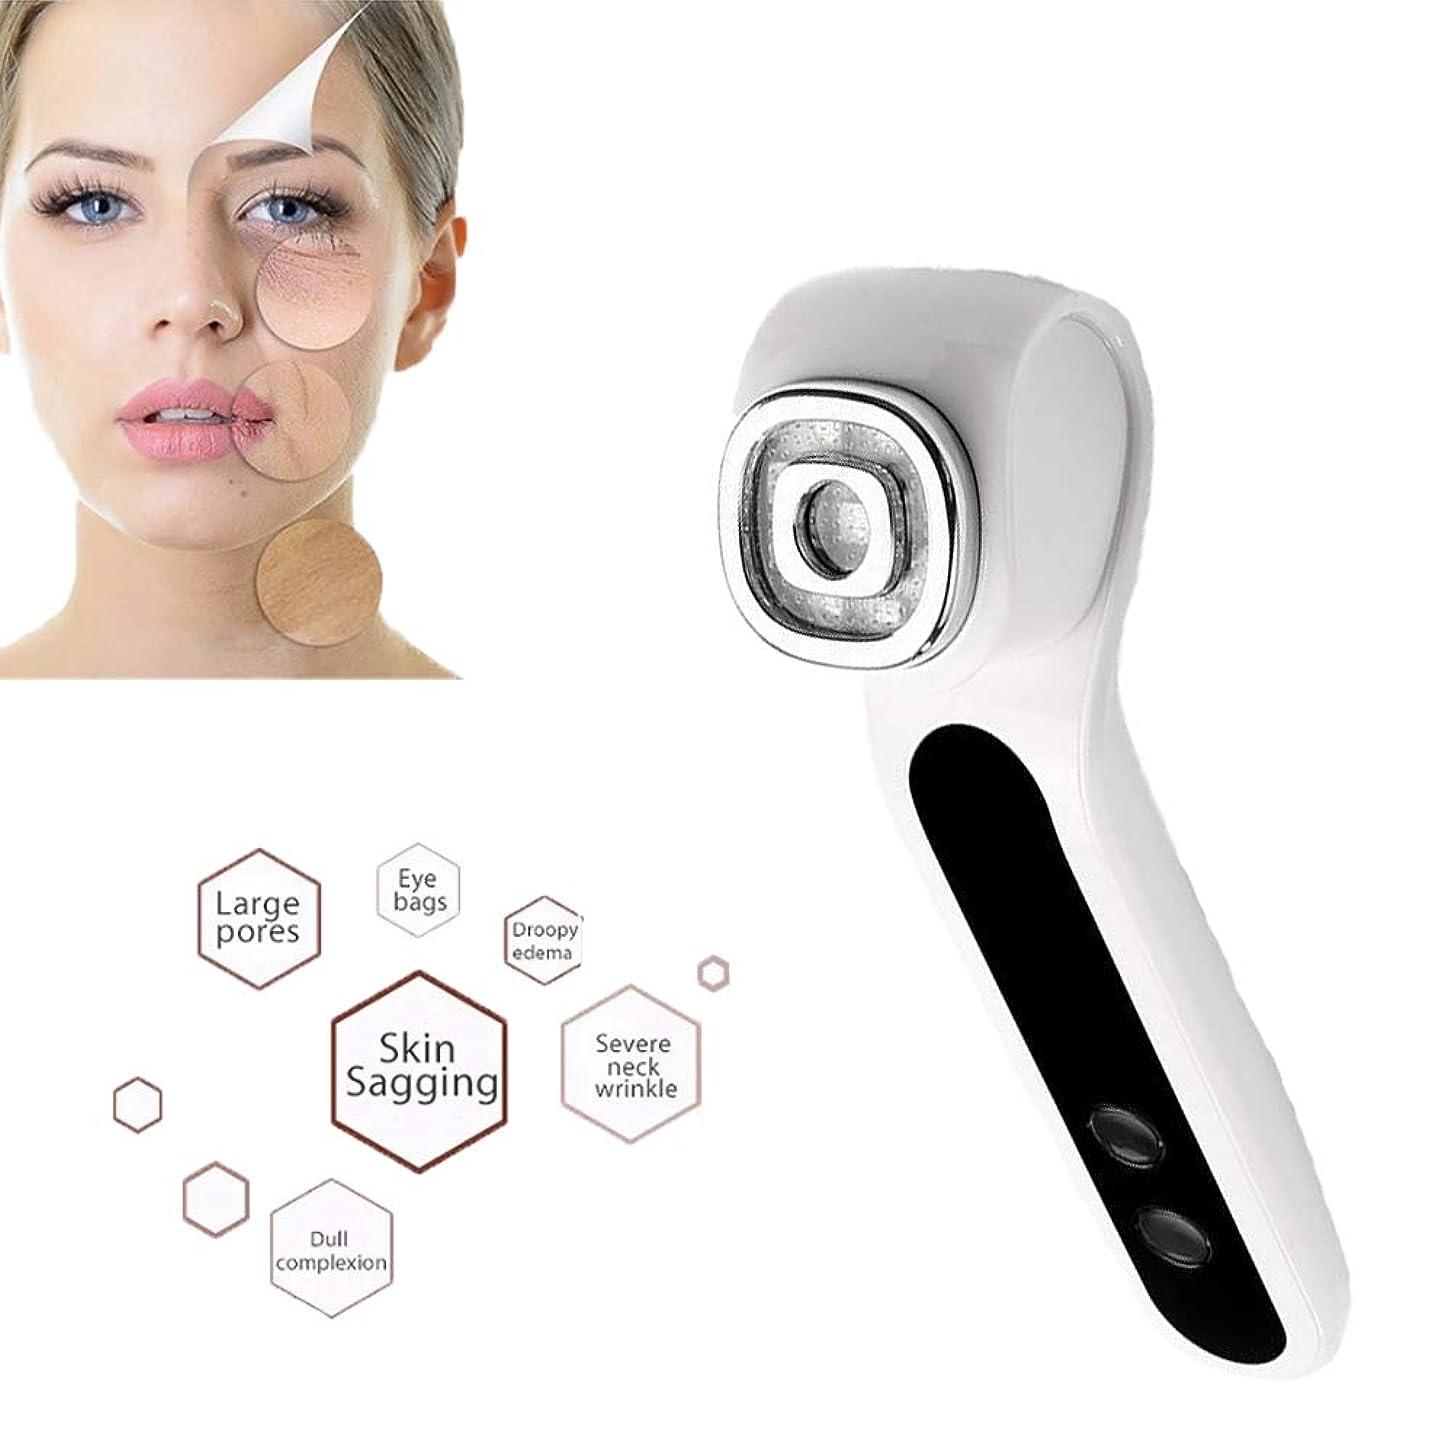 遅い瞑想する建築家美容化粧品LED光子療法RF + EMSリフティングイオンクレンジング振動肌の整形マッサージ用家庭用